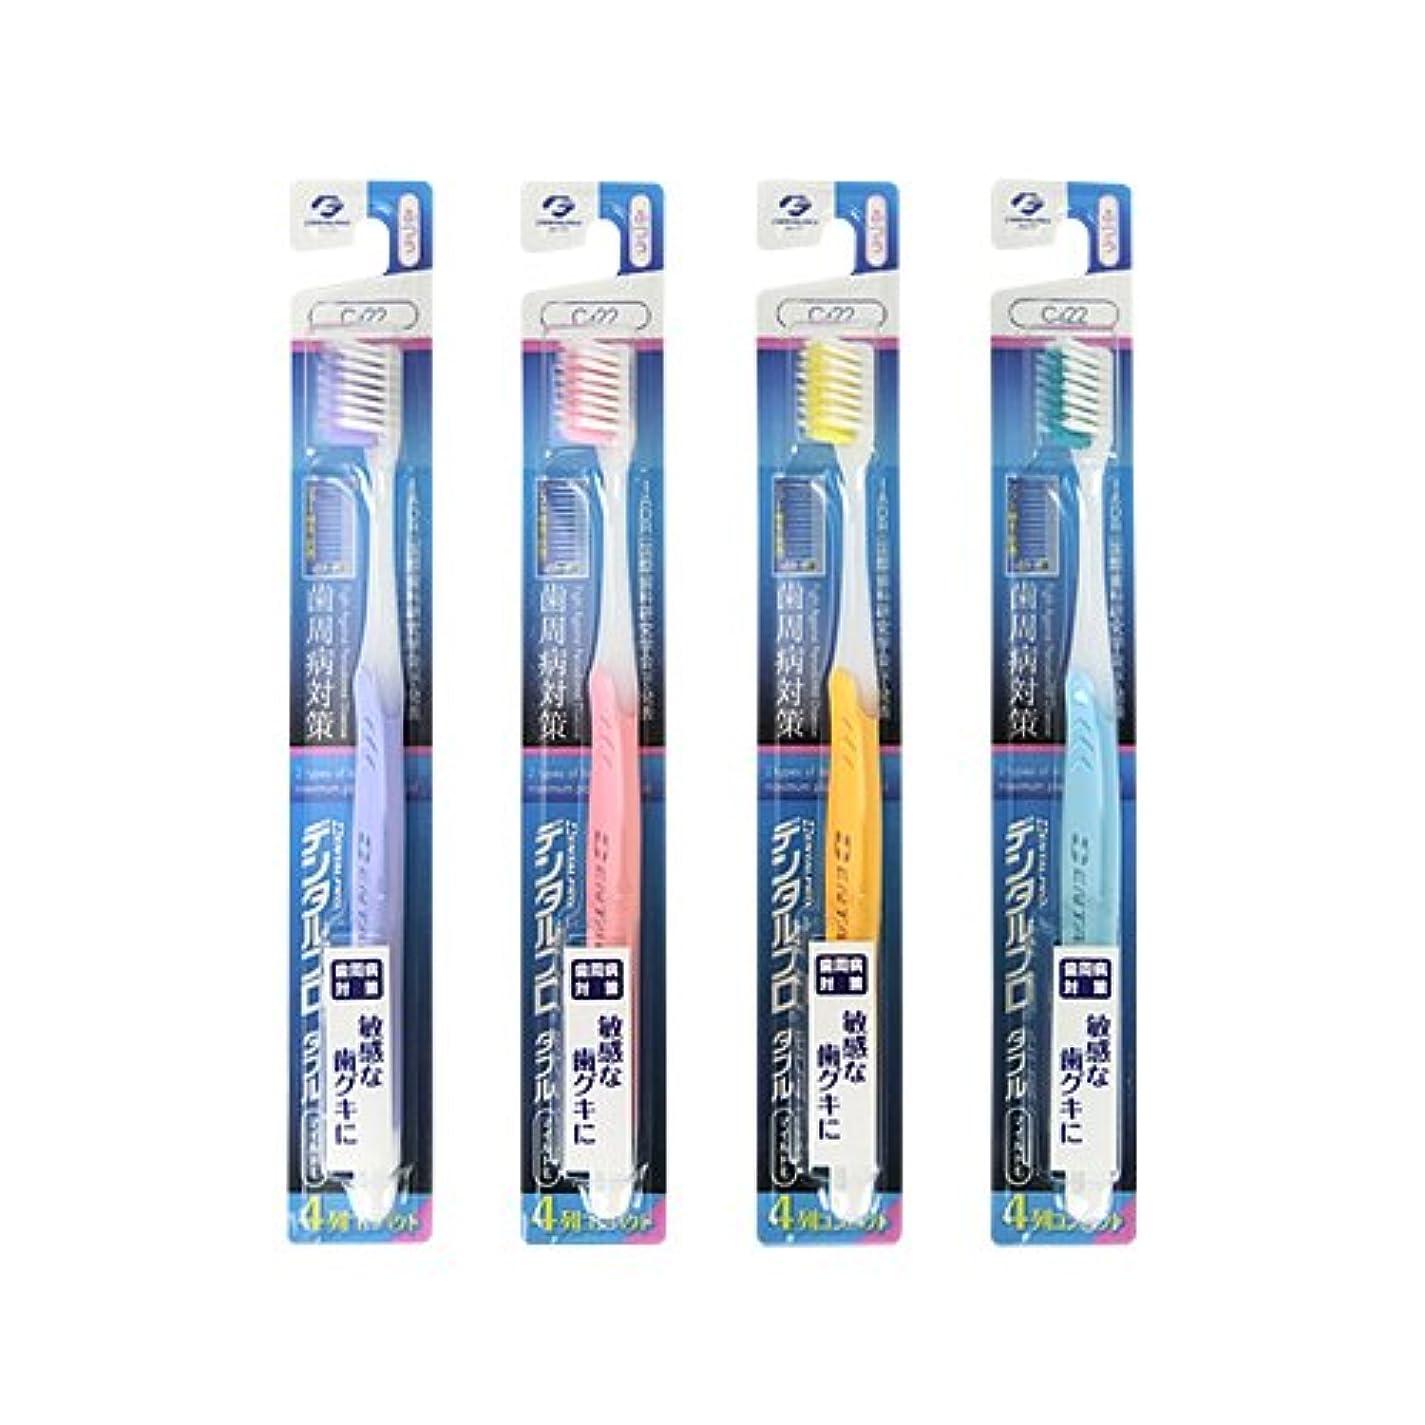 非公式尽きるターゲットデンタルプロ ダブル マイルド 4列 歯ブラシ 5本 (ふつう, 色はおまかせ)